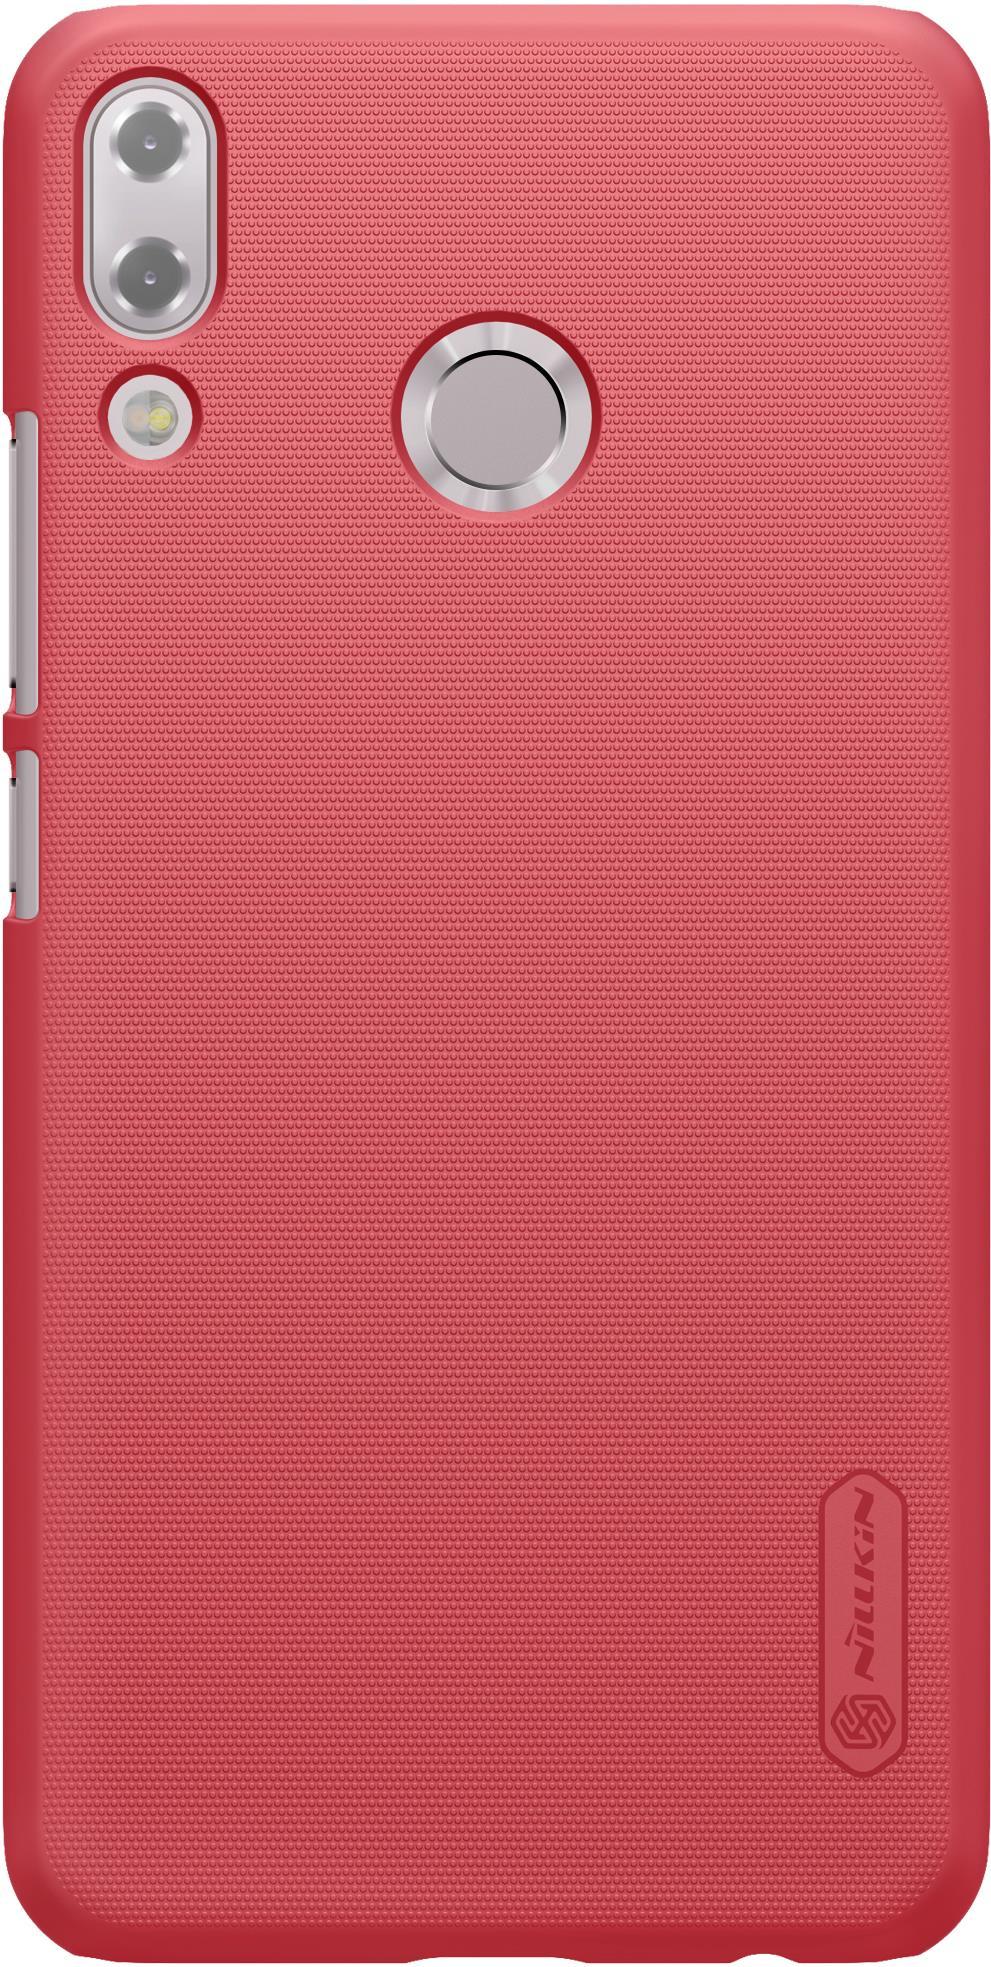 Накладка Nillkin для ZenFone 5 ZE620KL, 6902048157125, красный смартфон asus zenfone 5 ze620kl 4 64gb midnight blue